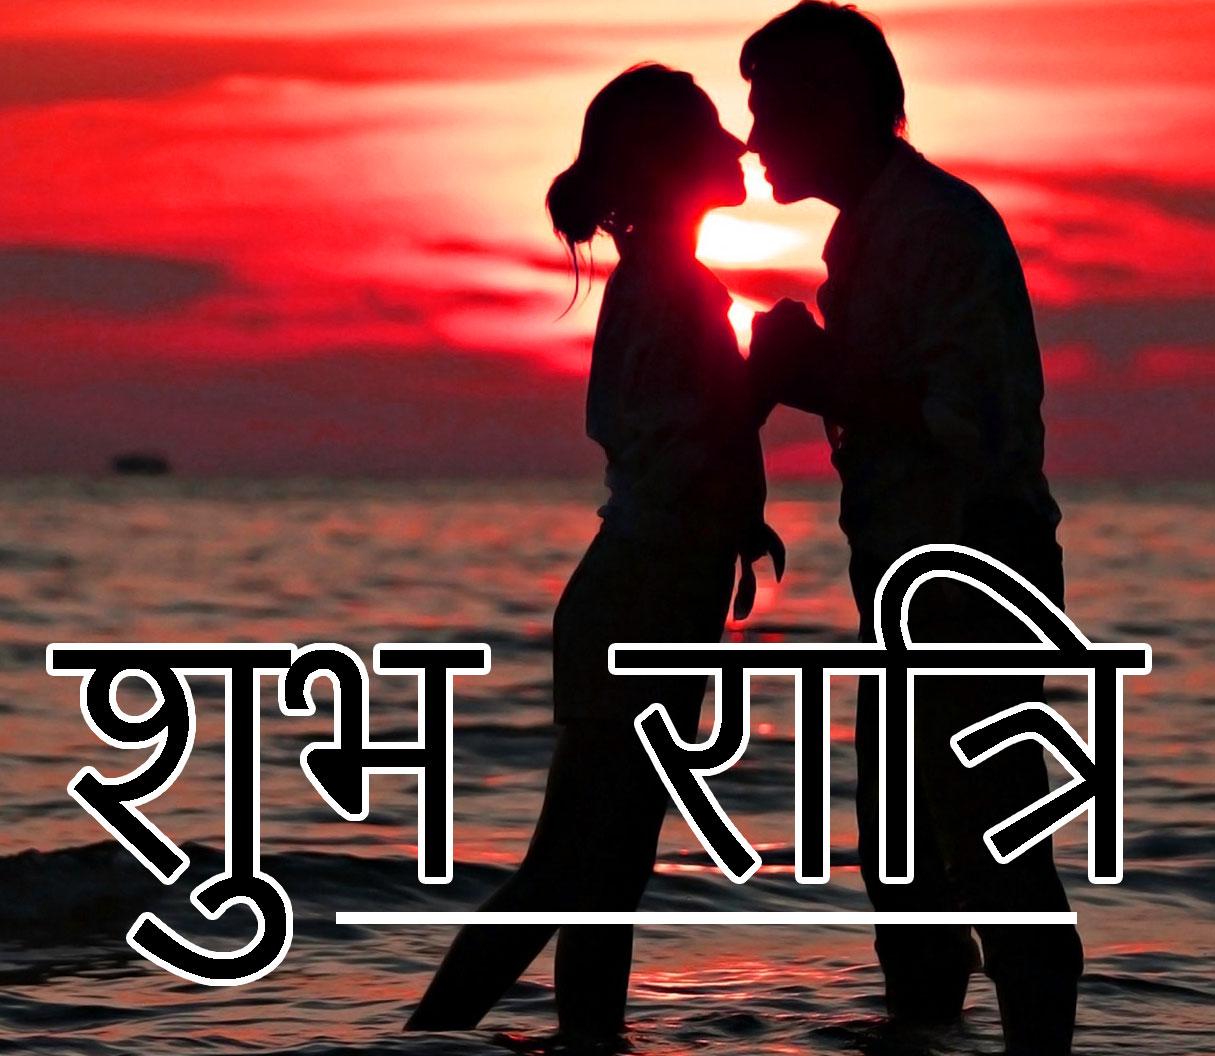 Shubh Ratri Wallpaper 50